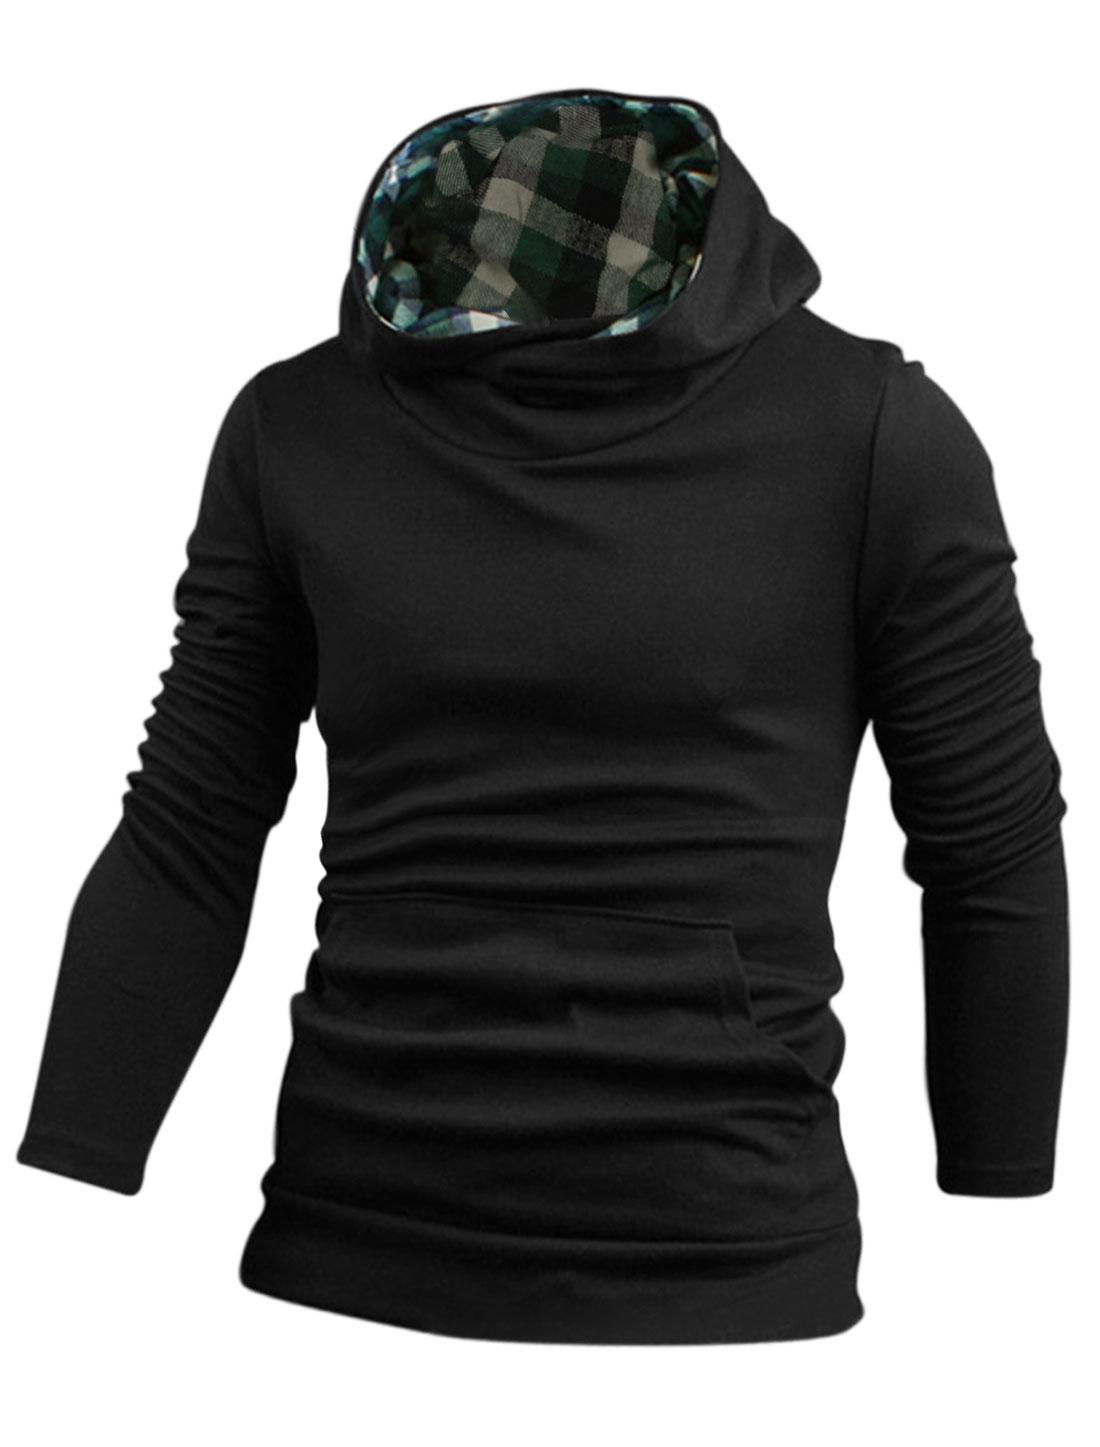 Men Hooded Checks Detail Kangaroo Pocket Chic Sweatshirt Black M